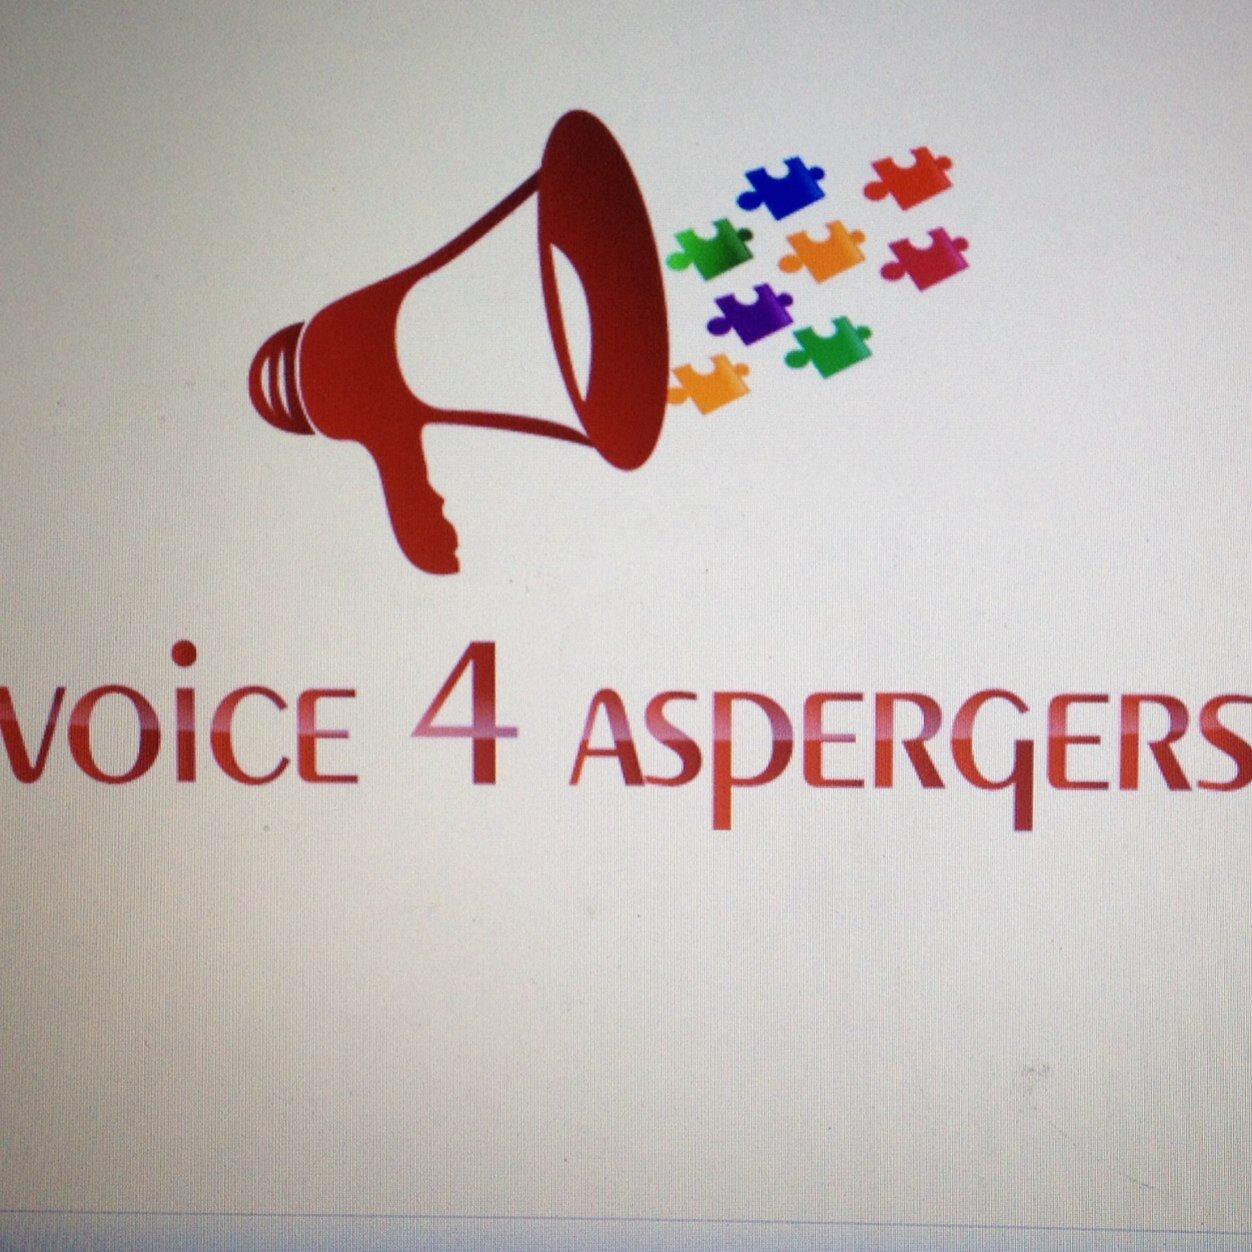 Jo Jones Launches Voice 4 Aspergers Campaign Part 2